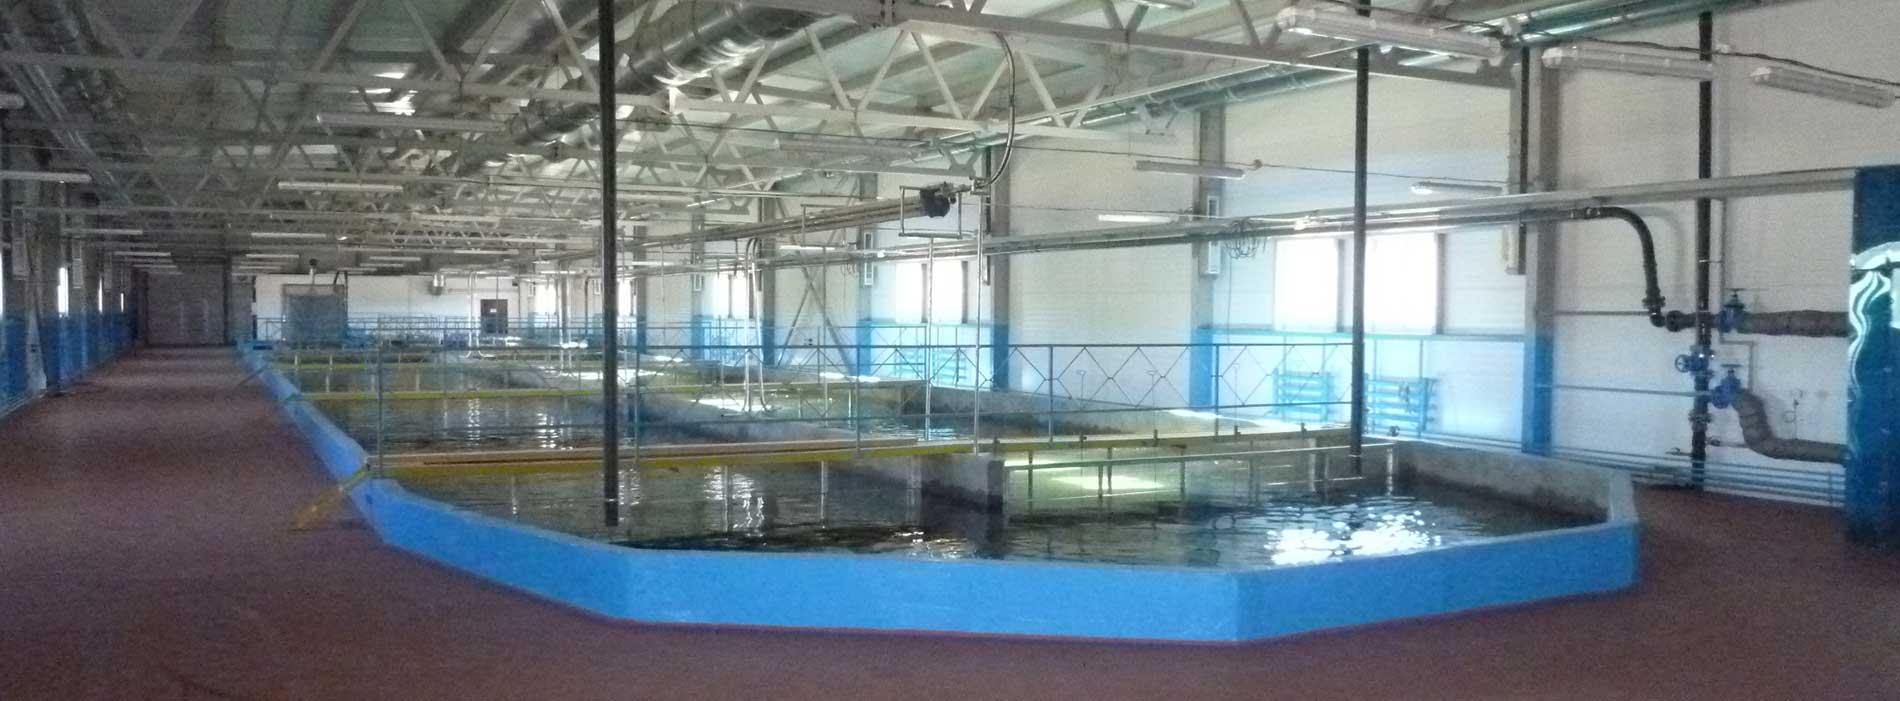 Рыбоводное хозяйство с УЗВ мощностью 75 тонн товарной форели в год